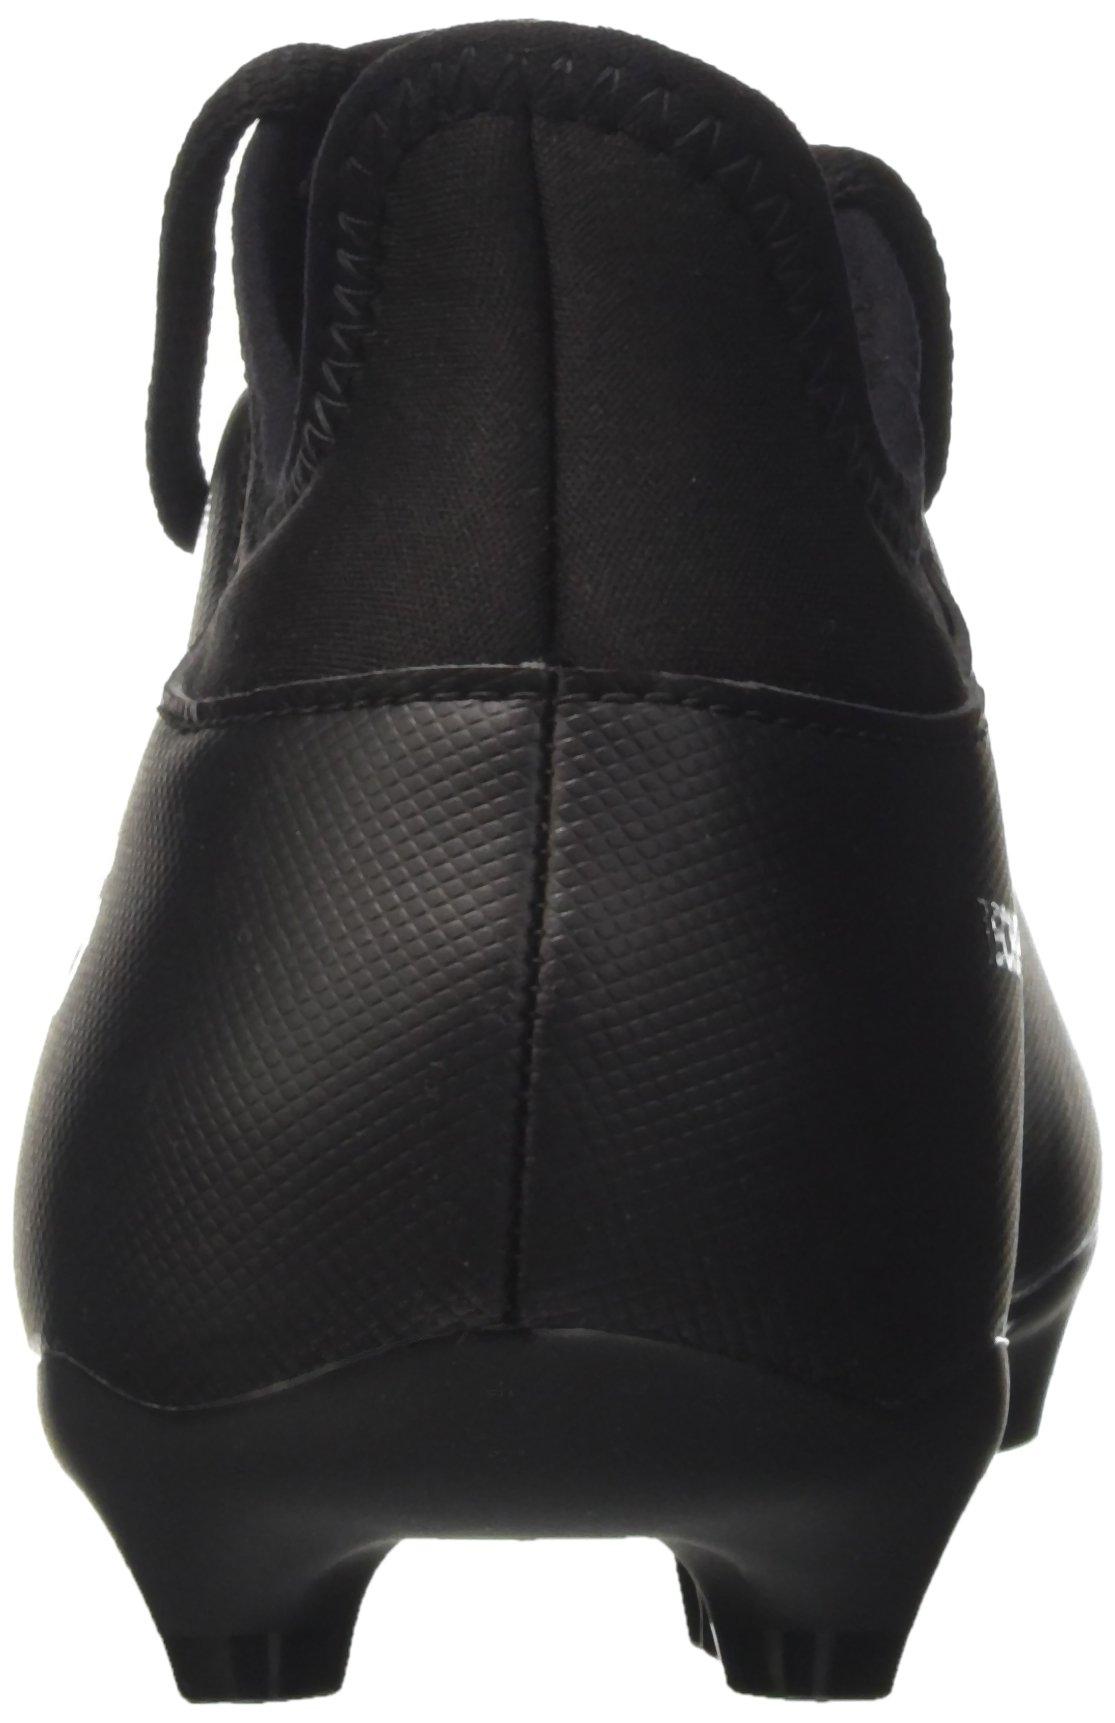 Adidas X 73 Fg, Scarpe per Calcio, Uomo 2 spesavip